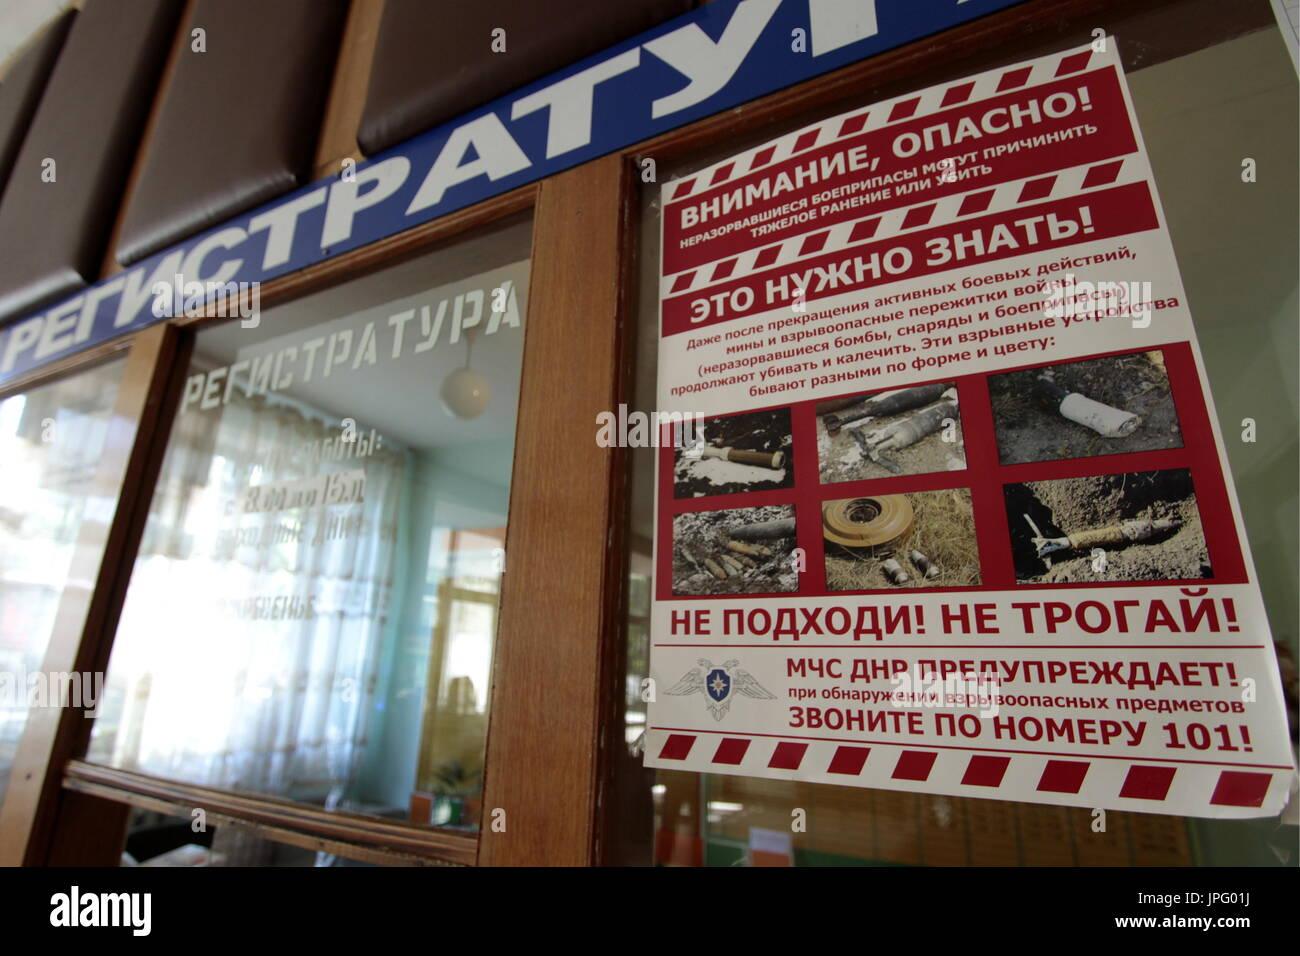 Donetsk, Ukraine. 1er août 2017. Un avertissement à propos de l'affiche à l'avant dispositifs explosifs 24 dans l'enfant de l'Hôpital républicain clinique à Donetsk, une ville de l'Ukraine est contrôlé par la République populaire de Donetsk; sept enfants en difficulté sont envoyés pour traitement à la Russie par Spravedlivaya Pomoshch Doktora Lizy, une organisation caritative internationale. Credit: Valentin/Sprinchak TASS/Alamy Live News Banque D'Images